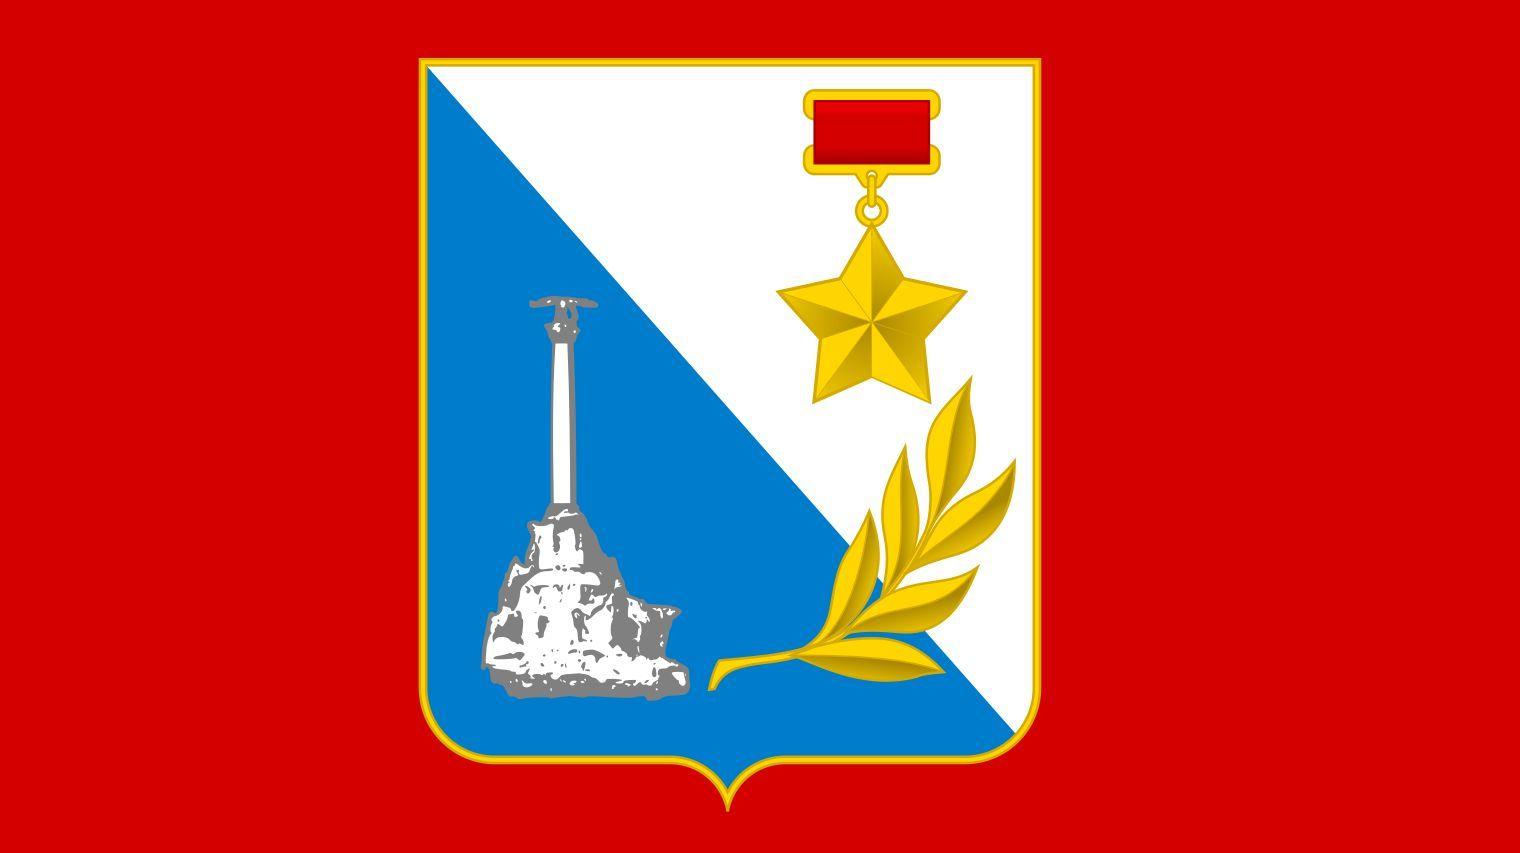 Авторы герба Севастополя рассказали о его создании